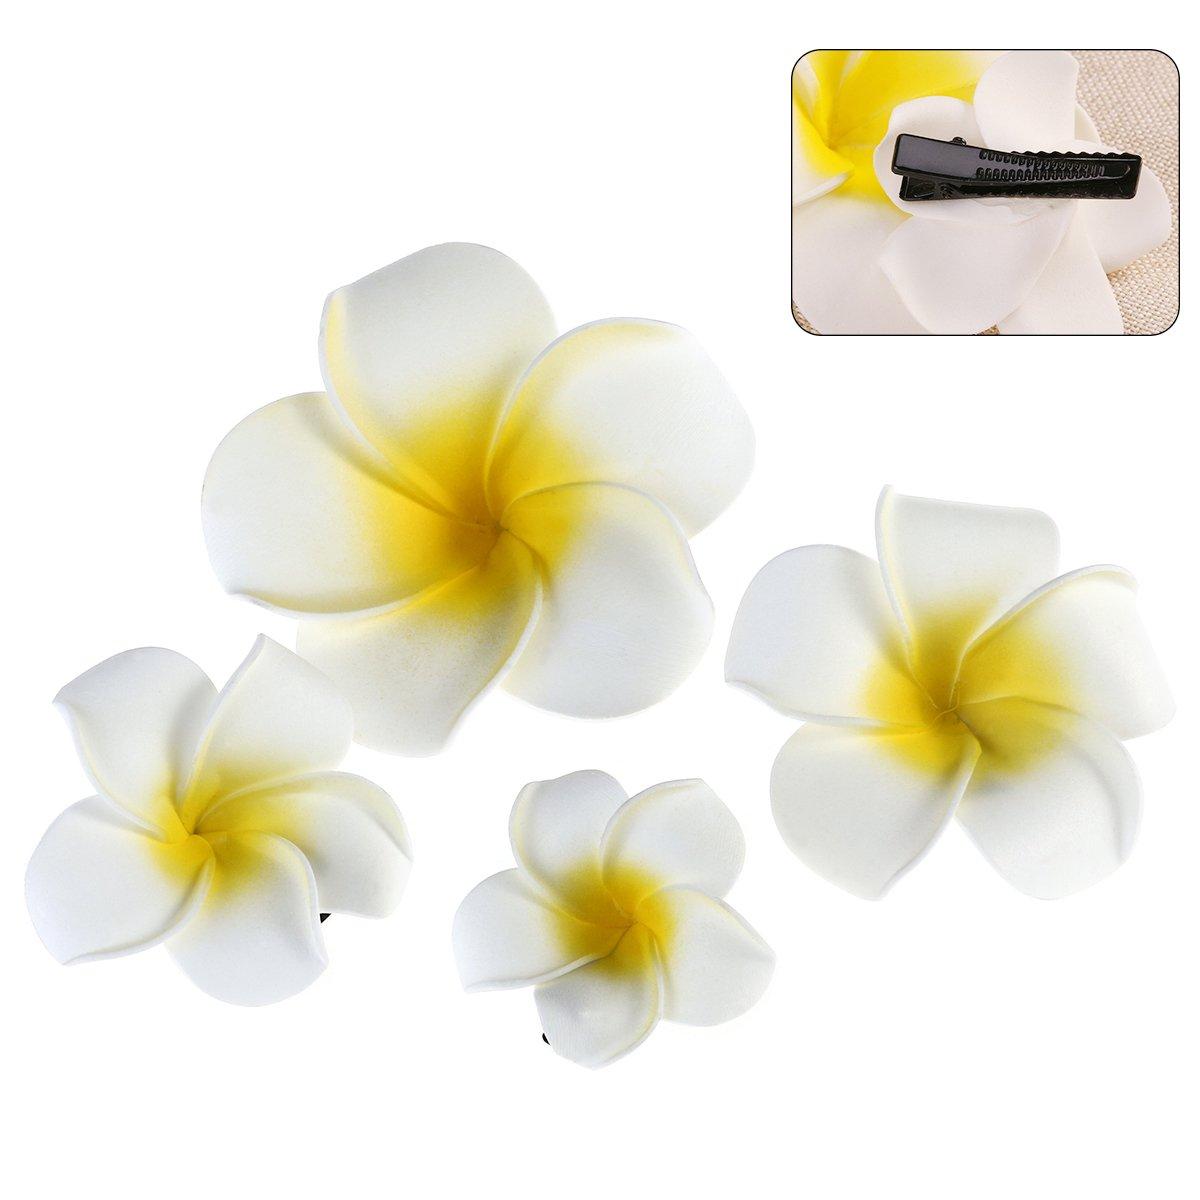 Tinksky Lot de 4 pinces à cheveux en forme de fleur hawaïenne Accessoires de coiffure pour plage et mariage